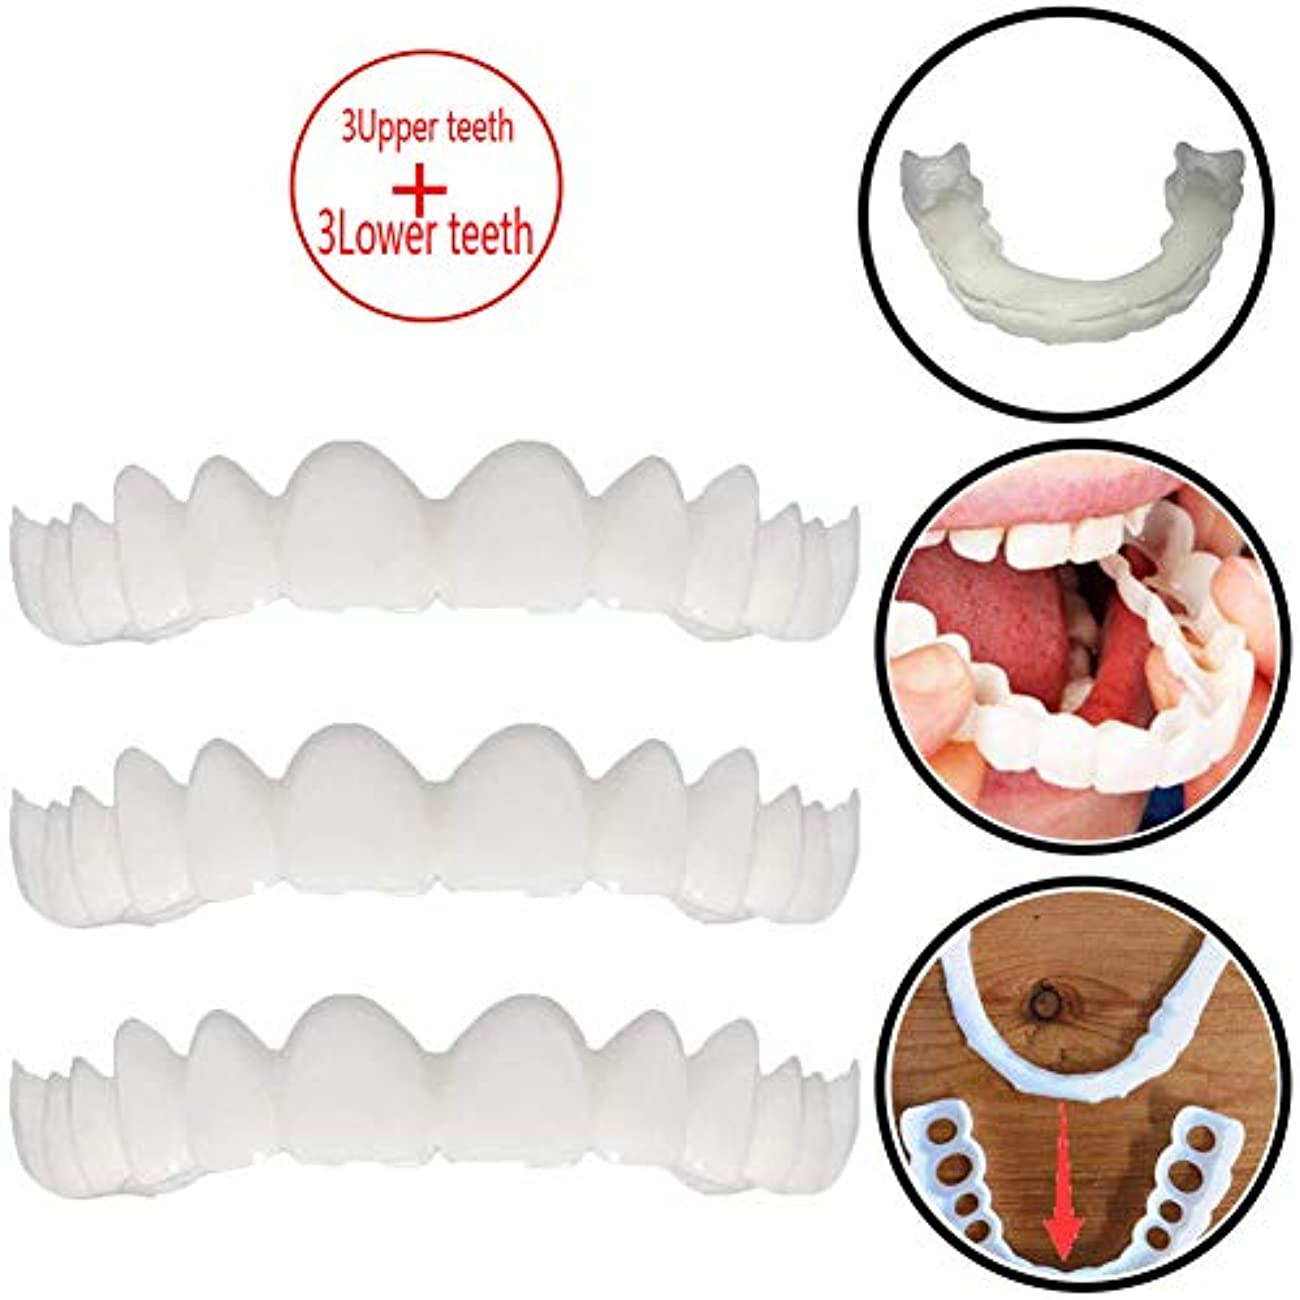 ブレスホバー思い出させる3ペアの一時的な歯のホワイトニング、シミュレーションブレース上部ブレース+下部ブレースホワイトニングティースナップオンインスタント完全ベニア,3upperteeth+3lowerteeth